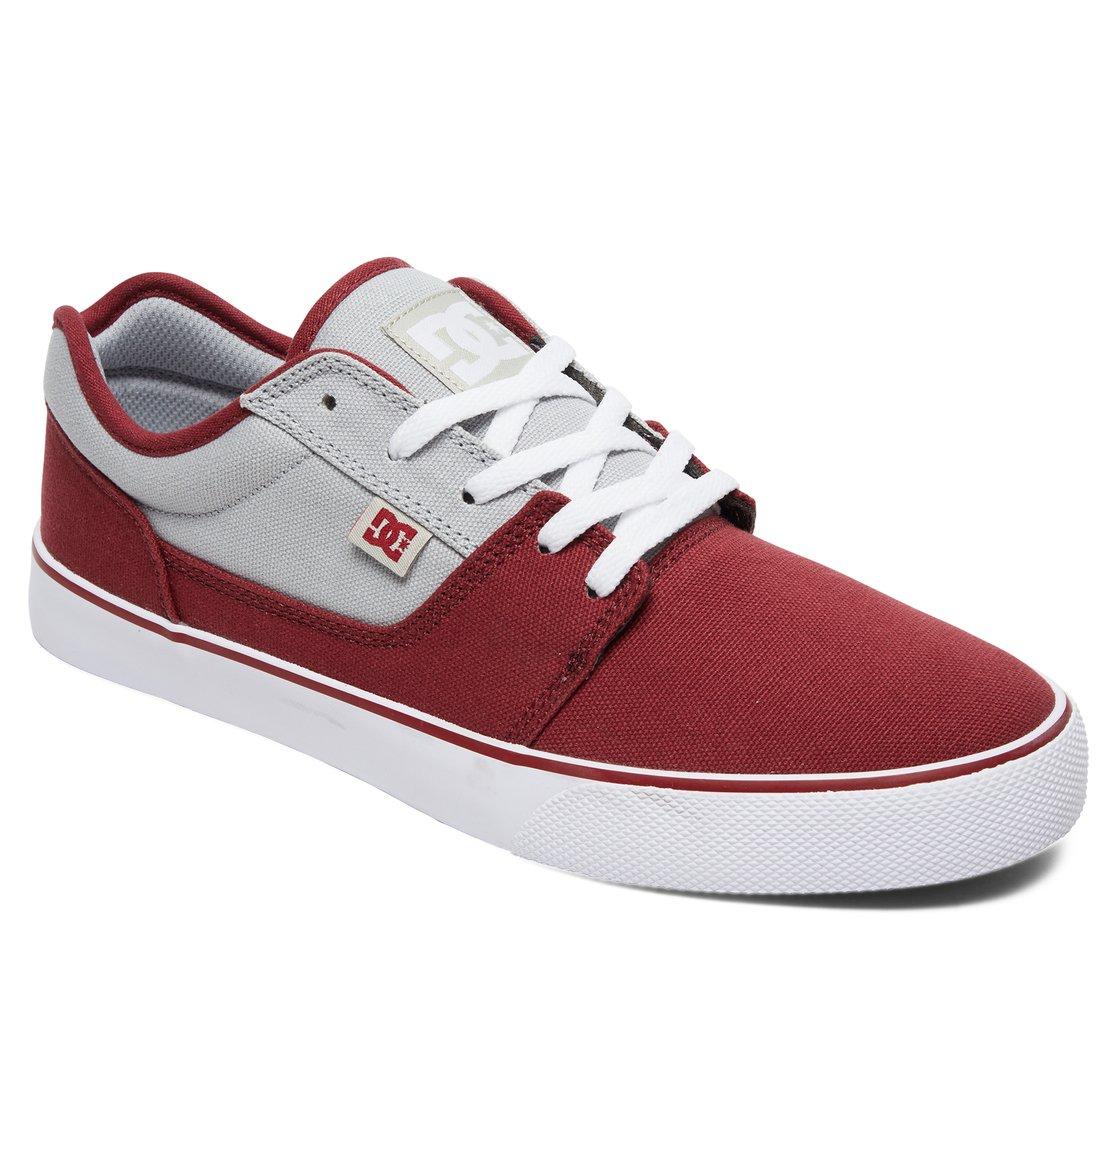 Zapatillas DC Shoes tallas 40.5 y 41